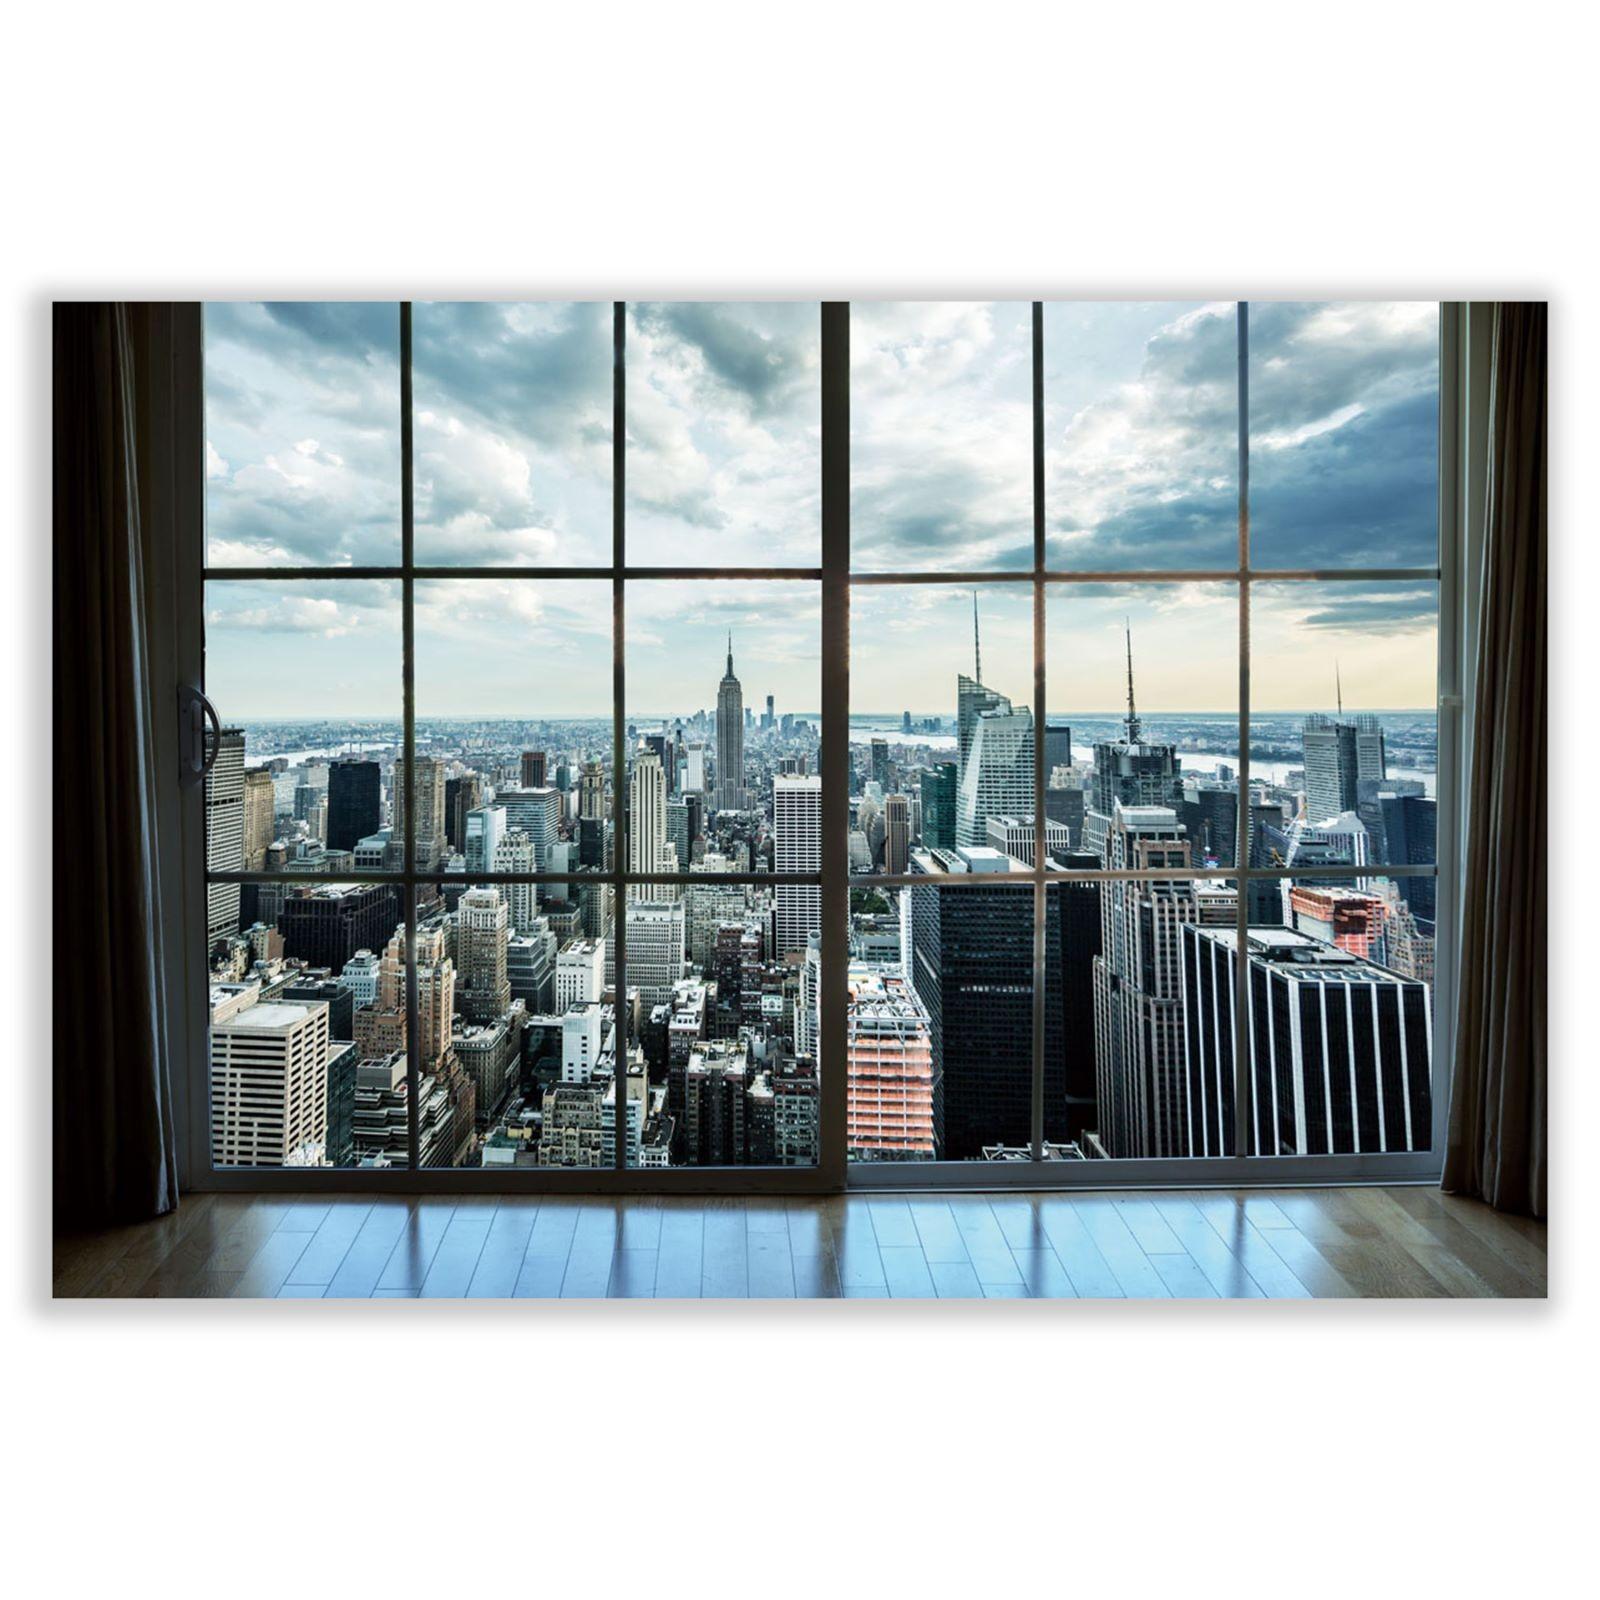 Cuadro fotoimpresión sobre lienzo , montado sobre bastidor de madera de abeto, New York